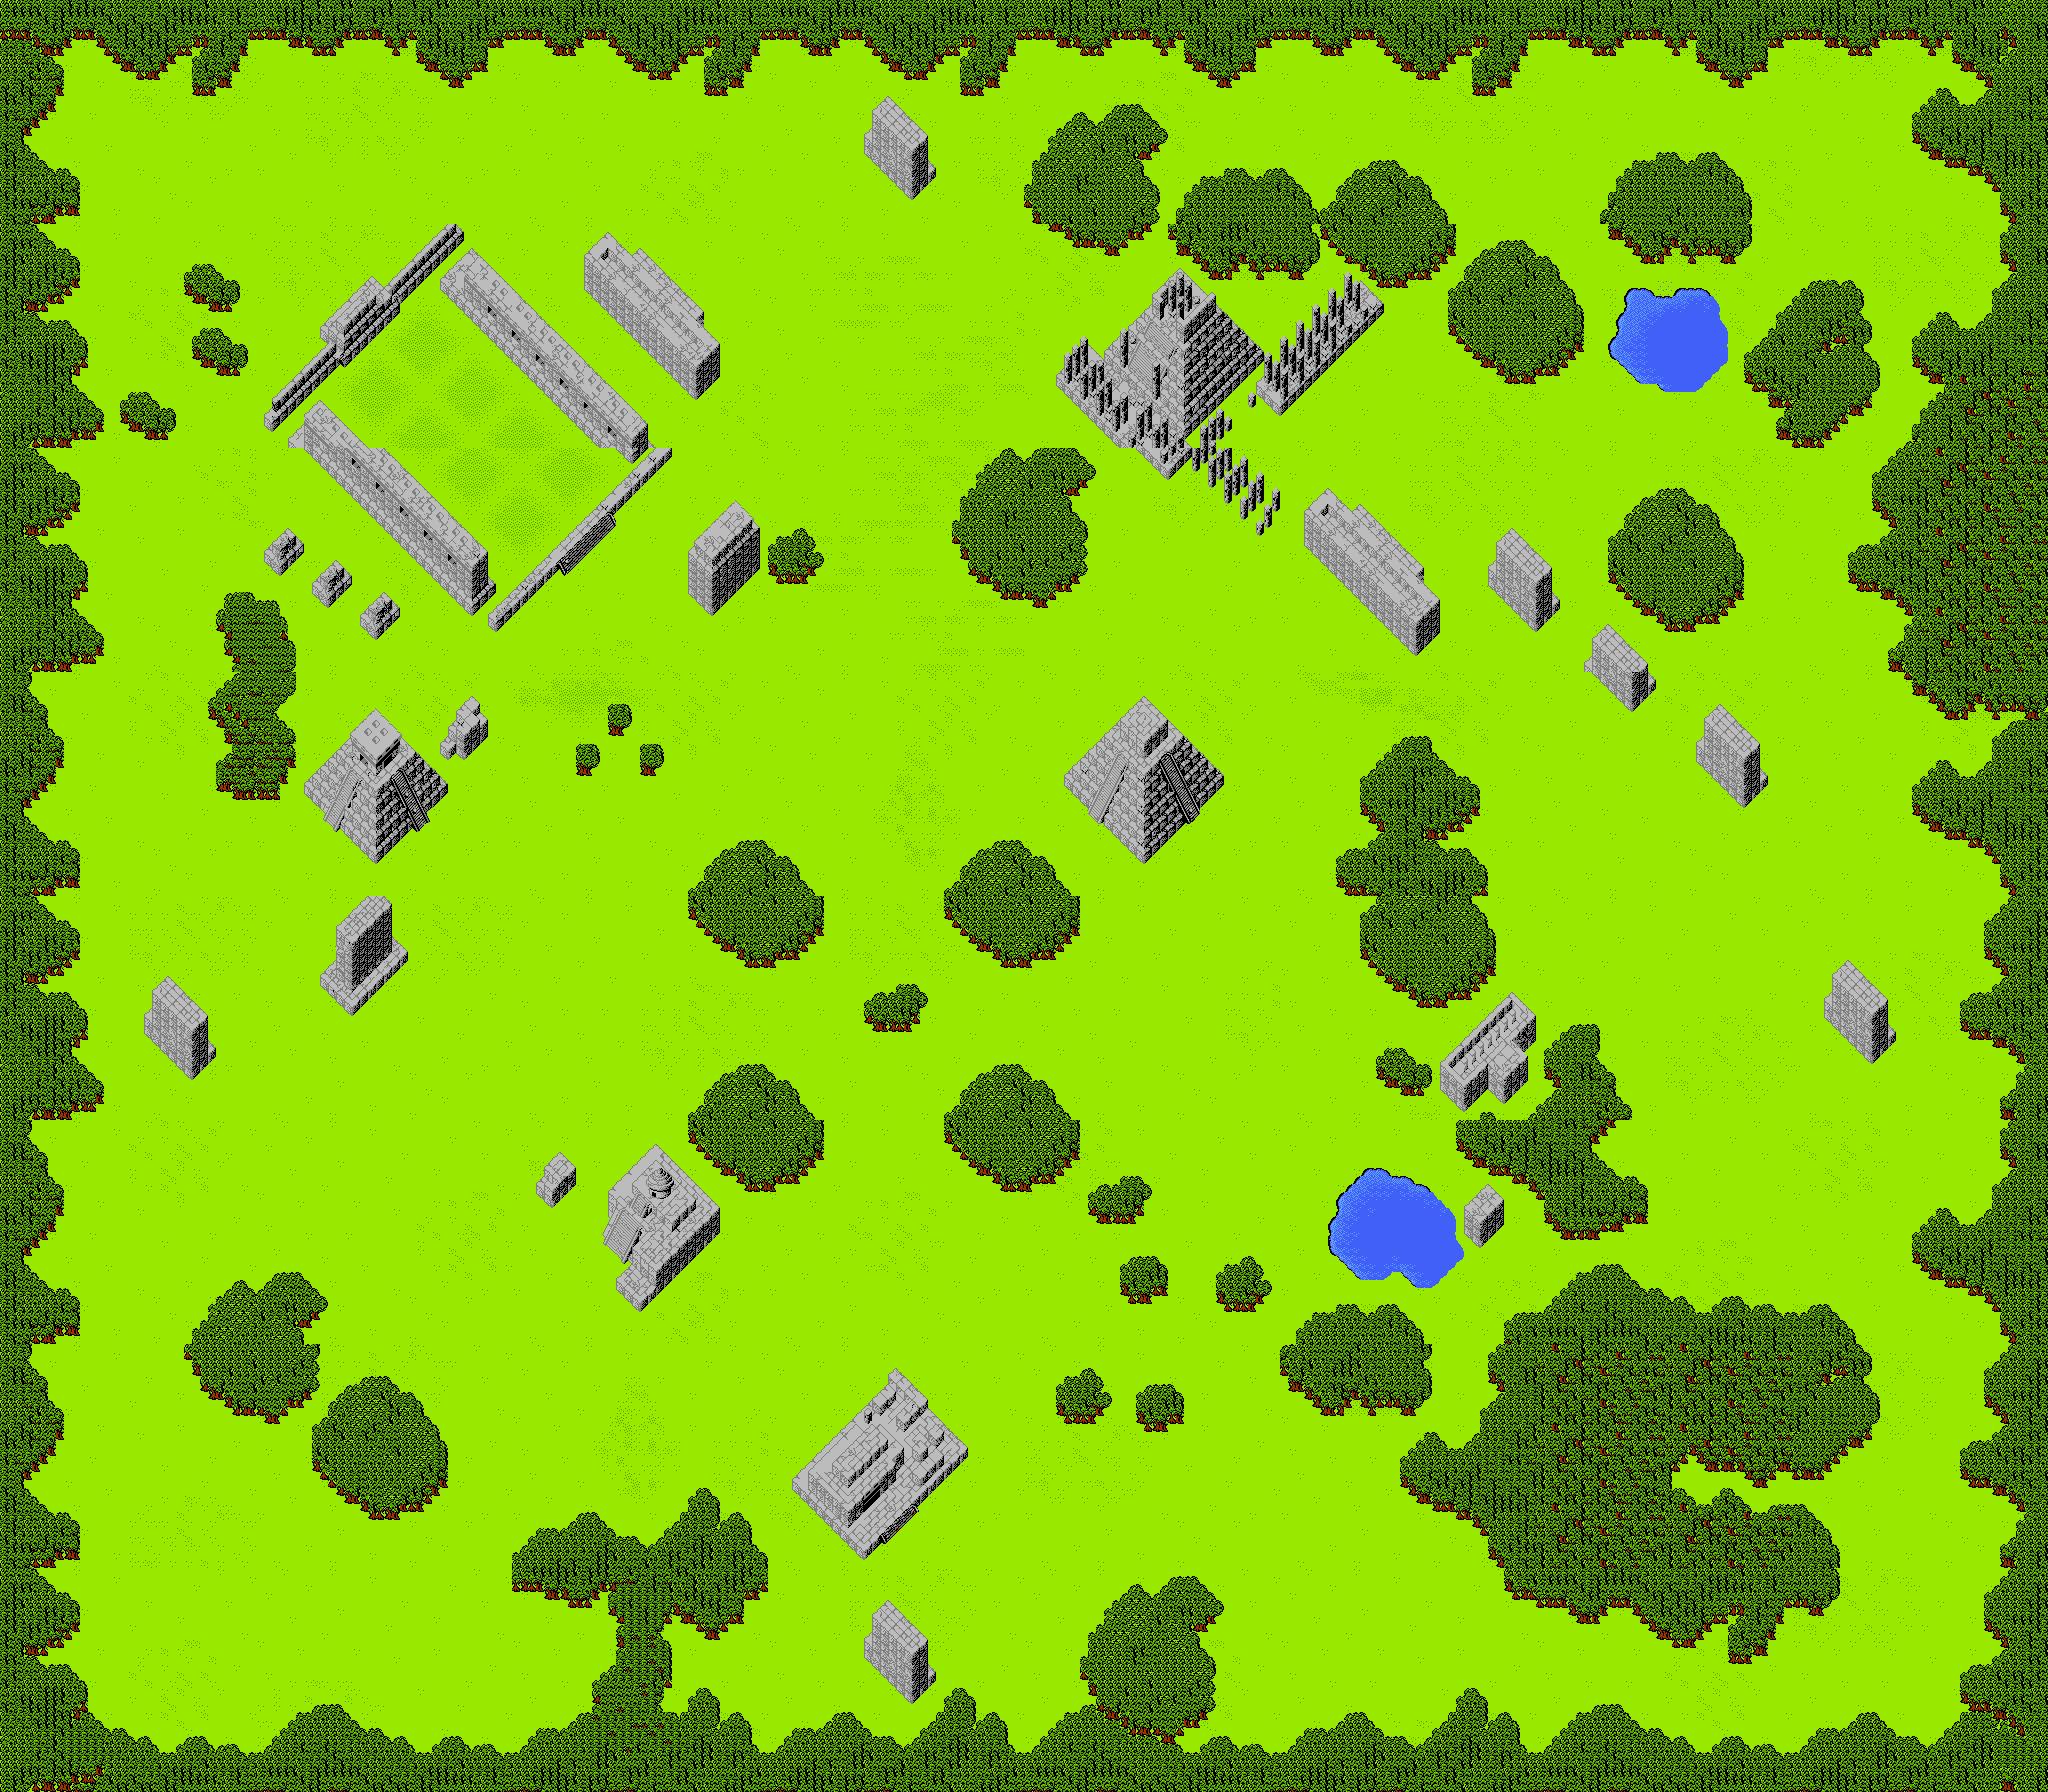 太陽の神殿 ASTEKAⅡのプレイ日記3:レトロゲーム(ファミコン)_挿絵2